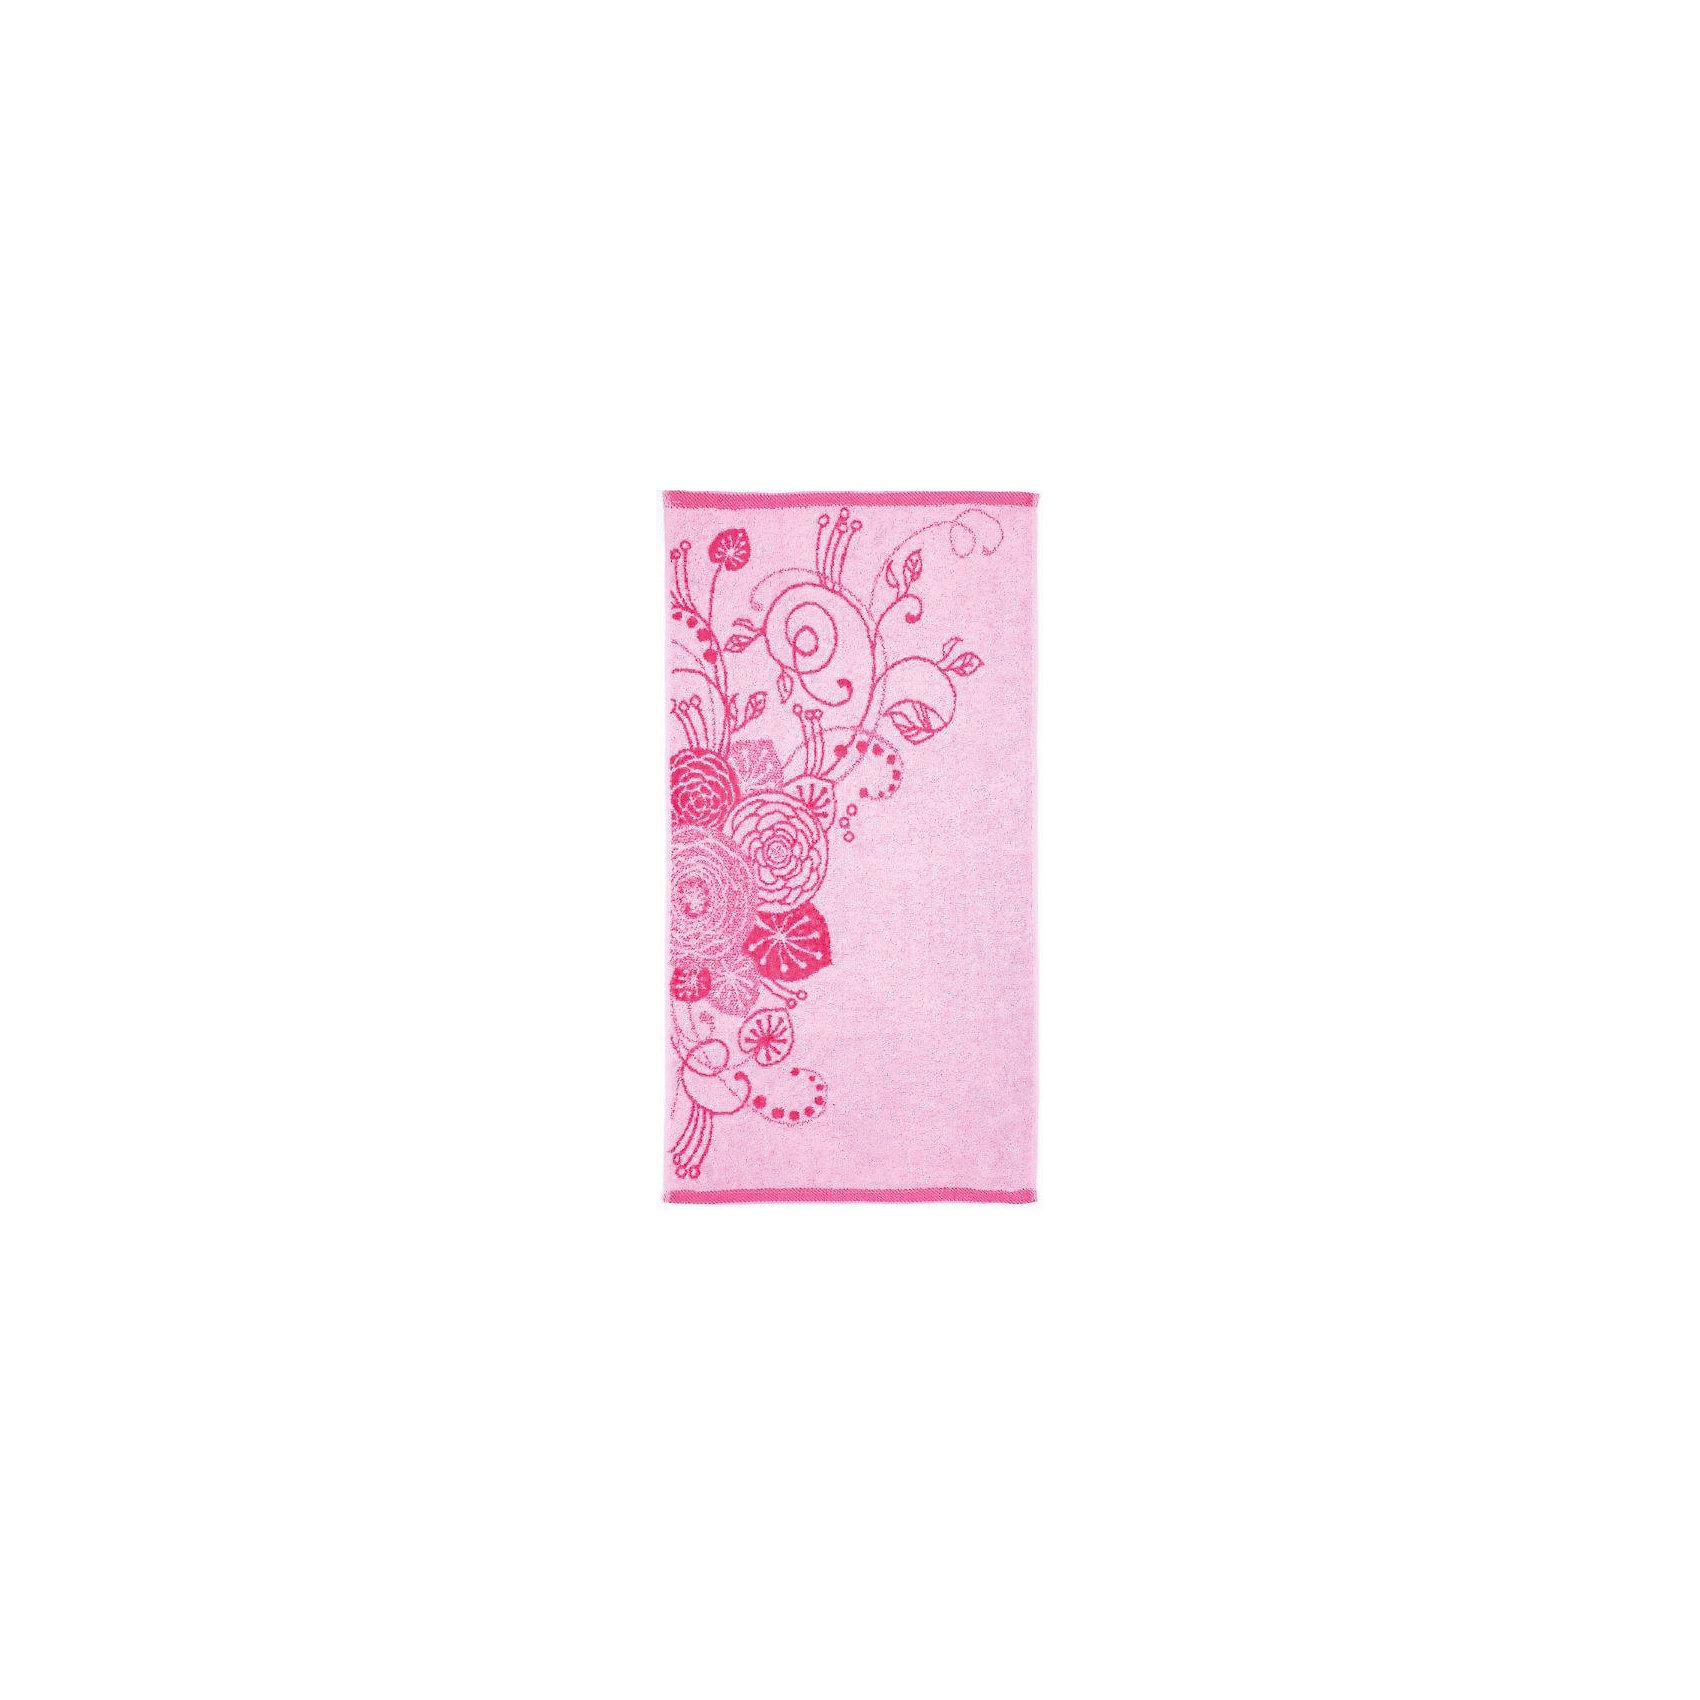 Полотенце махровое Лютики 60*130, Любимый дом, розовыйЛютики - мягкое махровое полотенце. Оно выполнено из качественного хлопка. Безопасные и стойкие красители, использованные при изготовлении, позволят полотенцу не потерять цвет даже после множества стирок. Полотенце украшено вышивкой в виде цветов. Отлично впитывает влагу и непременно добавит уют вашей ванной комнате.<br><br>Дополнительная информация:<br>Материал: 100% хлопок<br>Размер: 60х130 см<br>Цвет: розовый<br>Торговая марка: Любимый дом<br><br>Махровое полотенце Лютики можно приобрести в нашем интернет-магазине.<br><br>Ширина мм: 500<br>Глубина мм: 500<br>Высота мм: 200<br>Вес г: 300<br>Возраст от месяцев: 0<br>Возраст до месяцев: 144<br>Пол: Унисекс<br>Возраст: Детский<br>SKU: 5010975